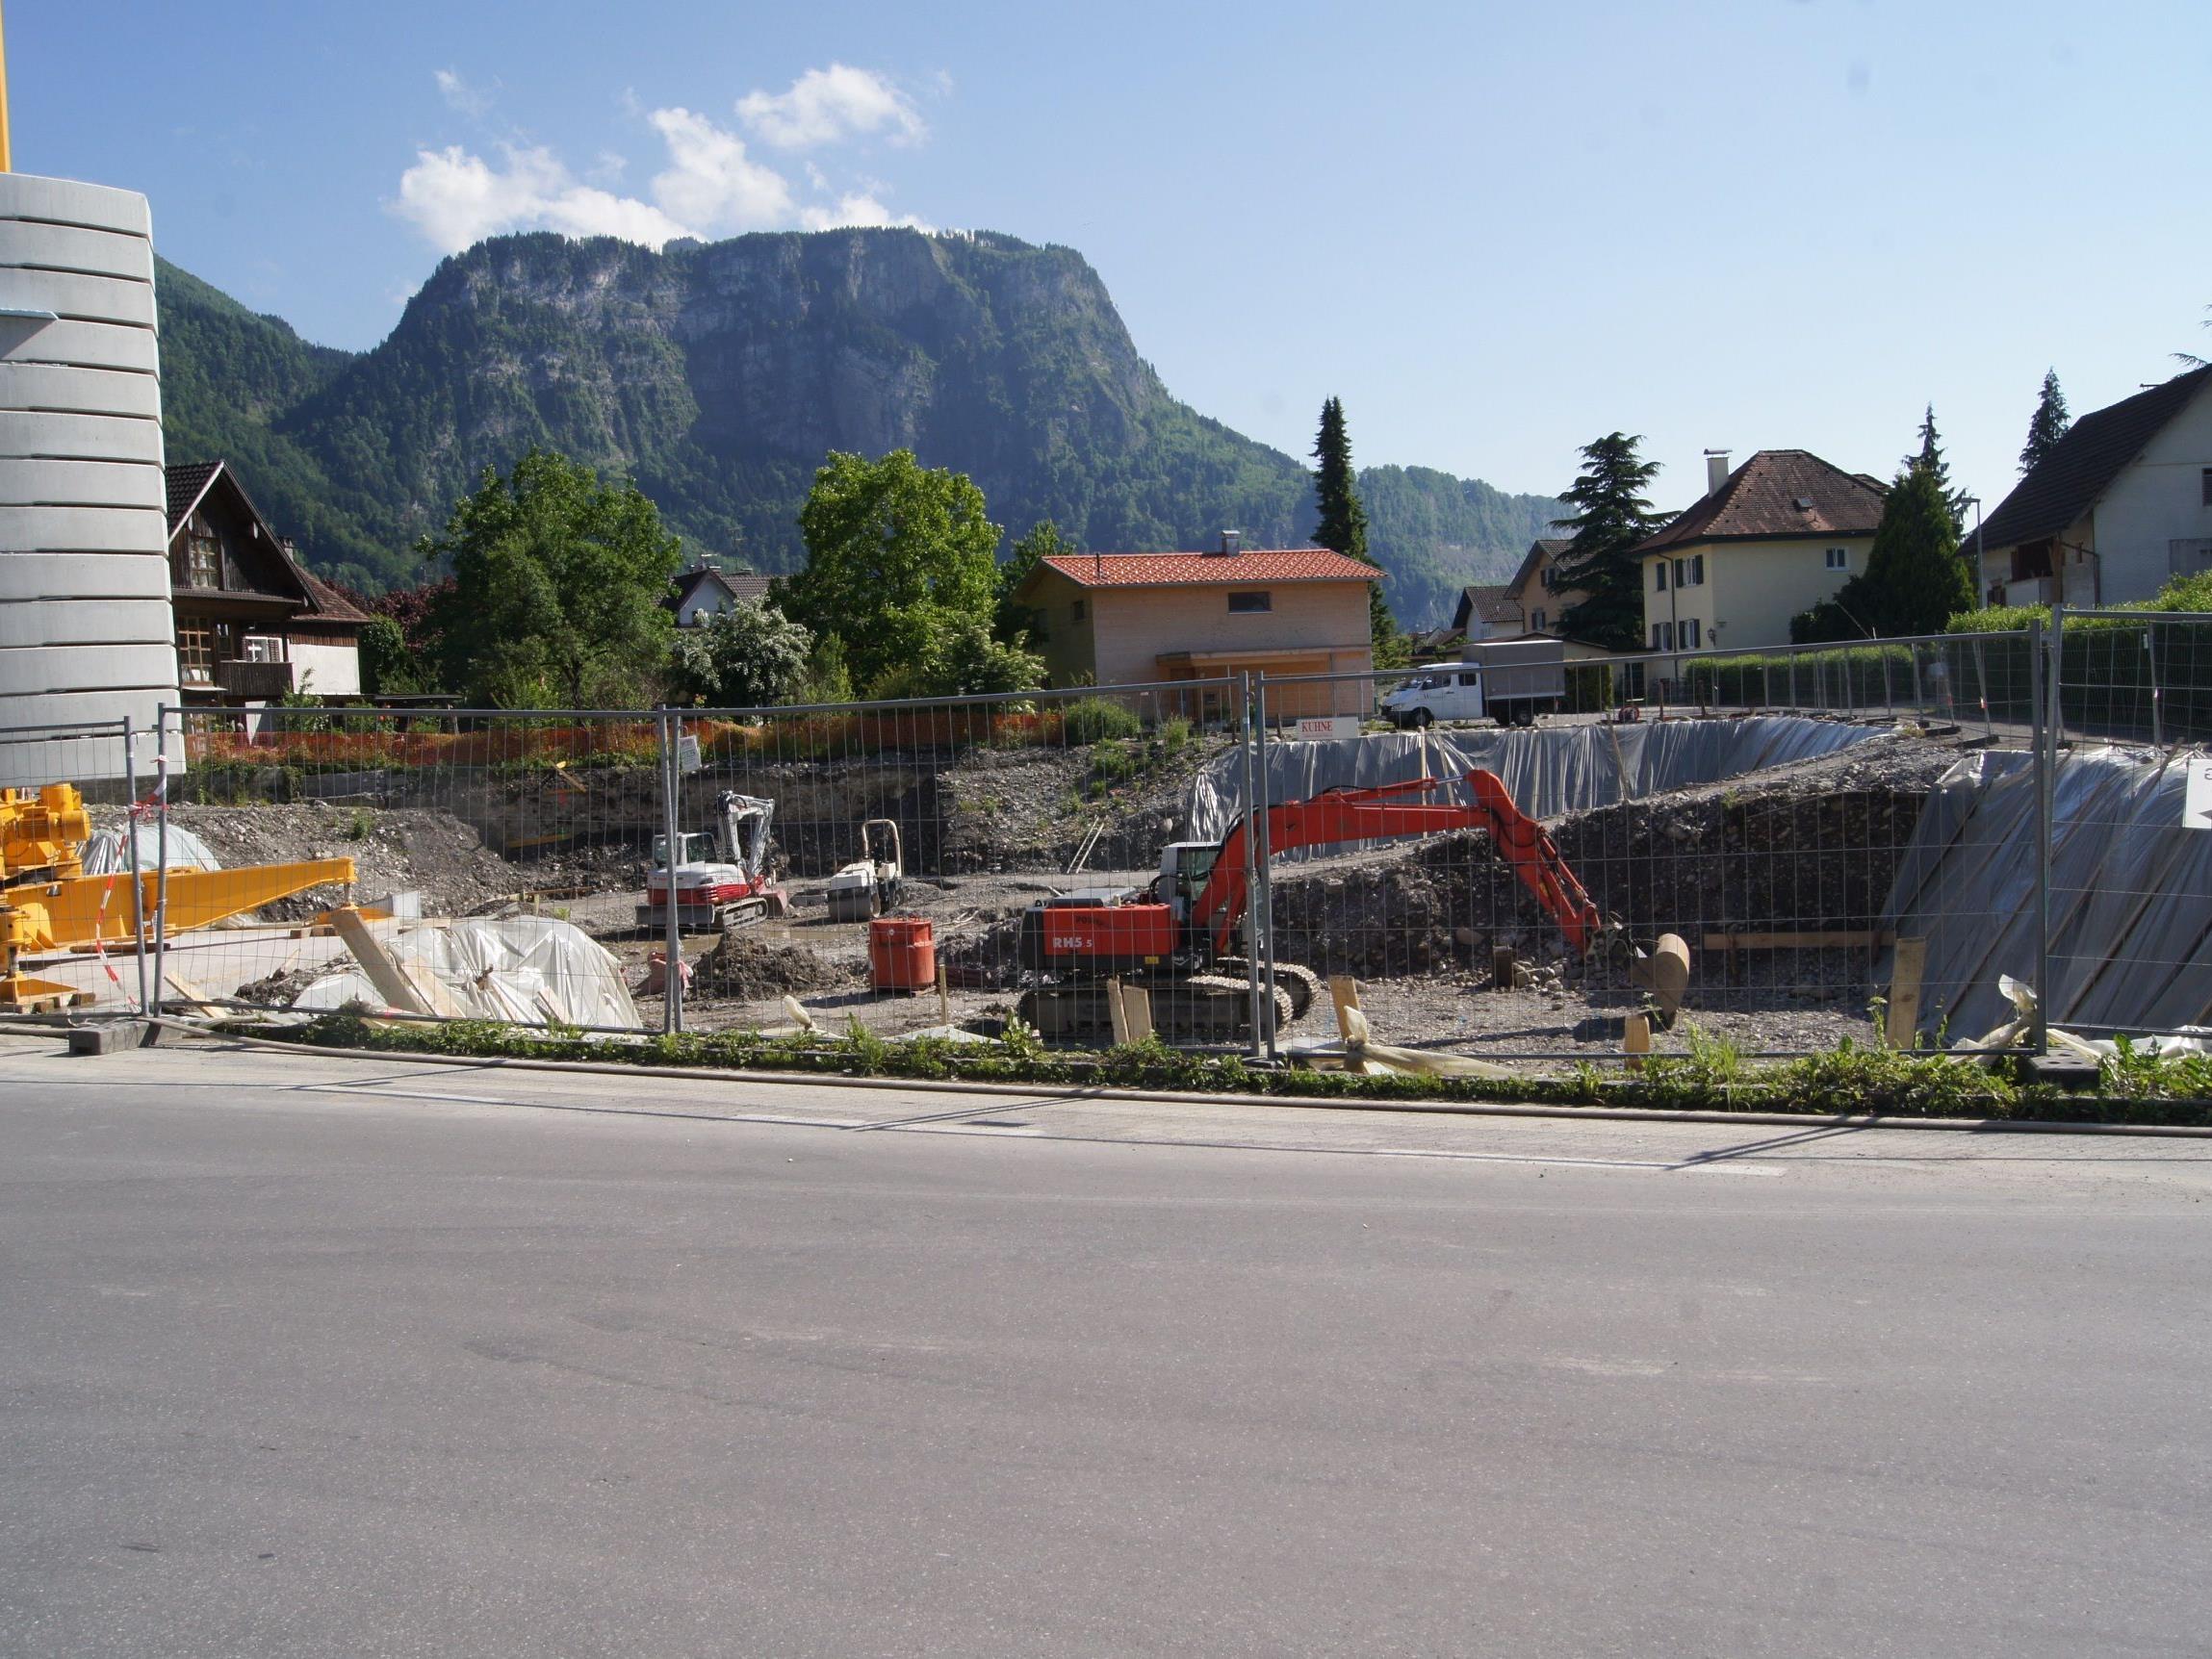 Die Bauarbeiten an der Wohnanlage haben begonnen.